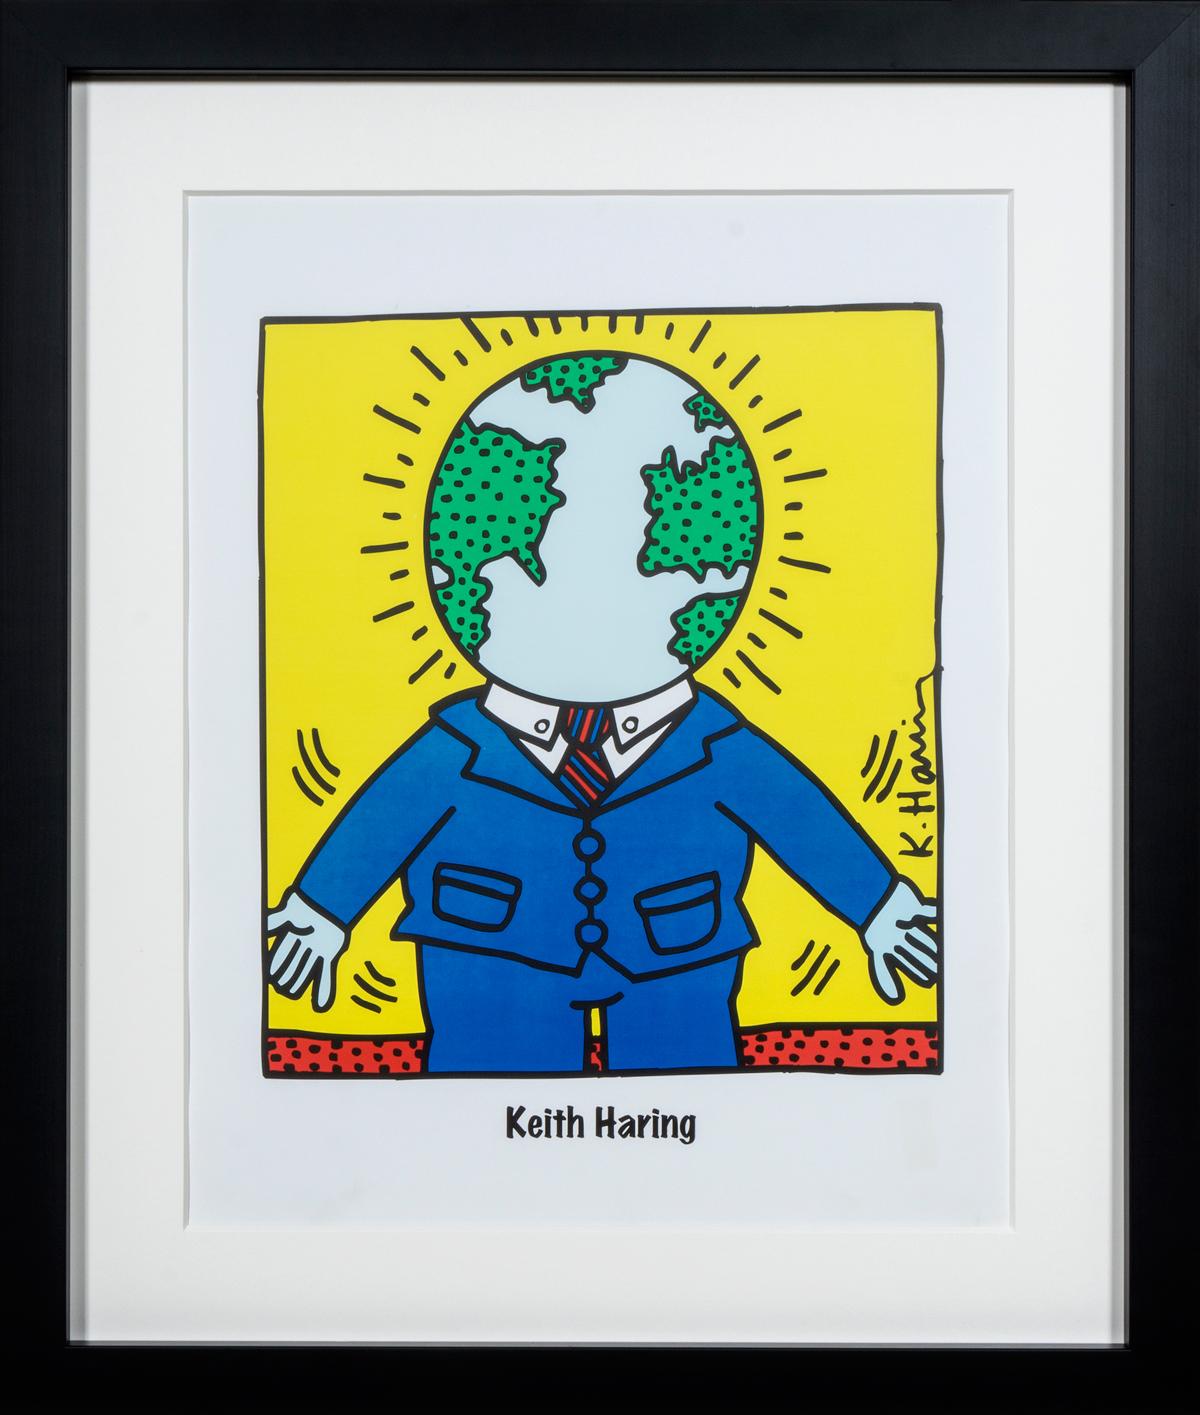 Globalman in frame